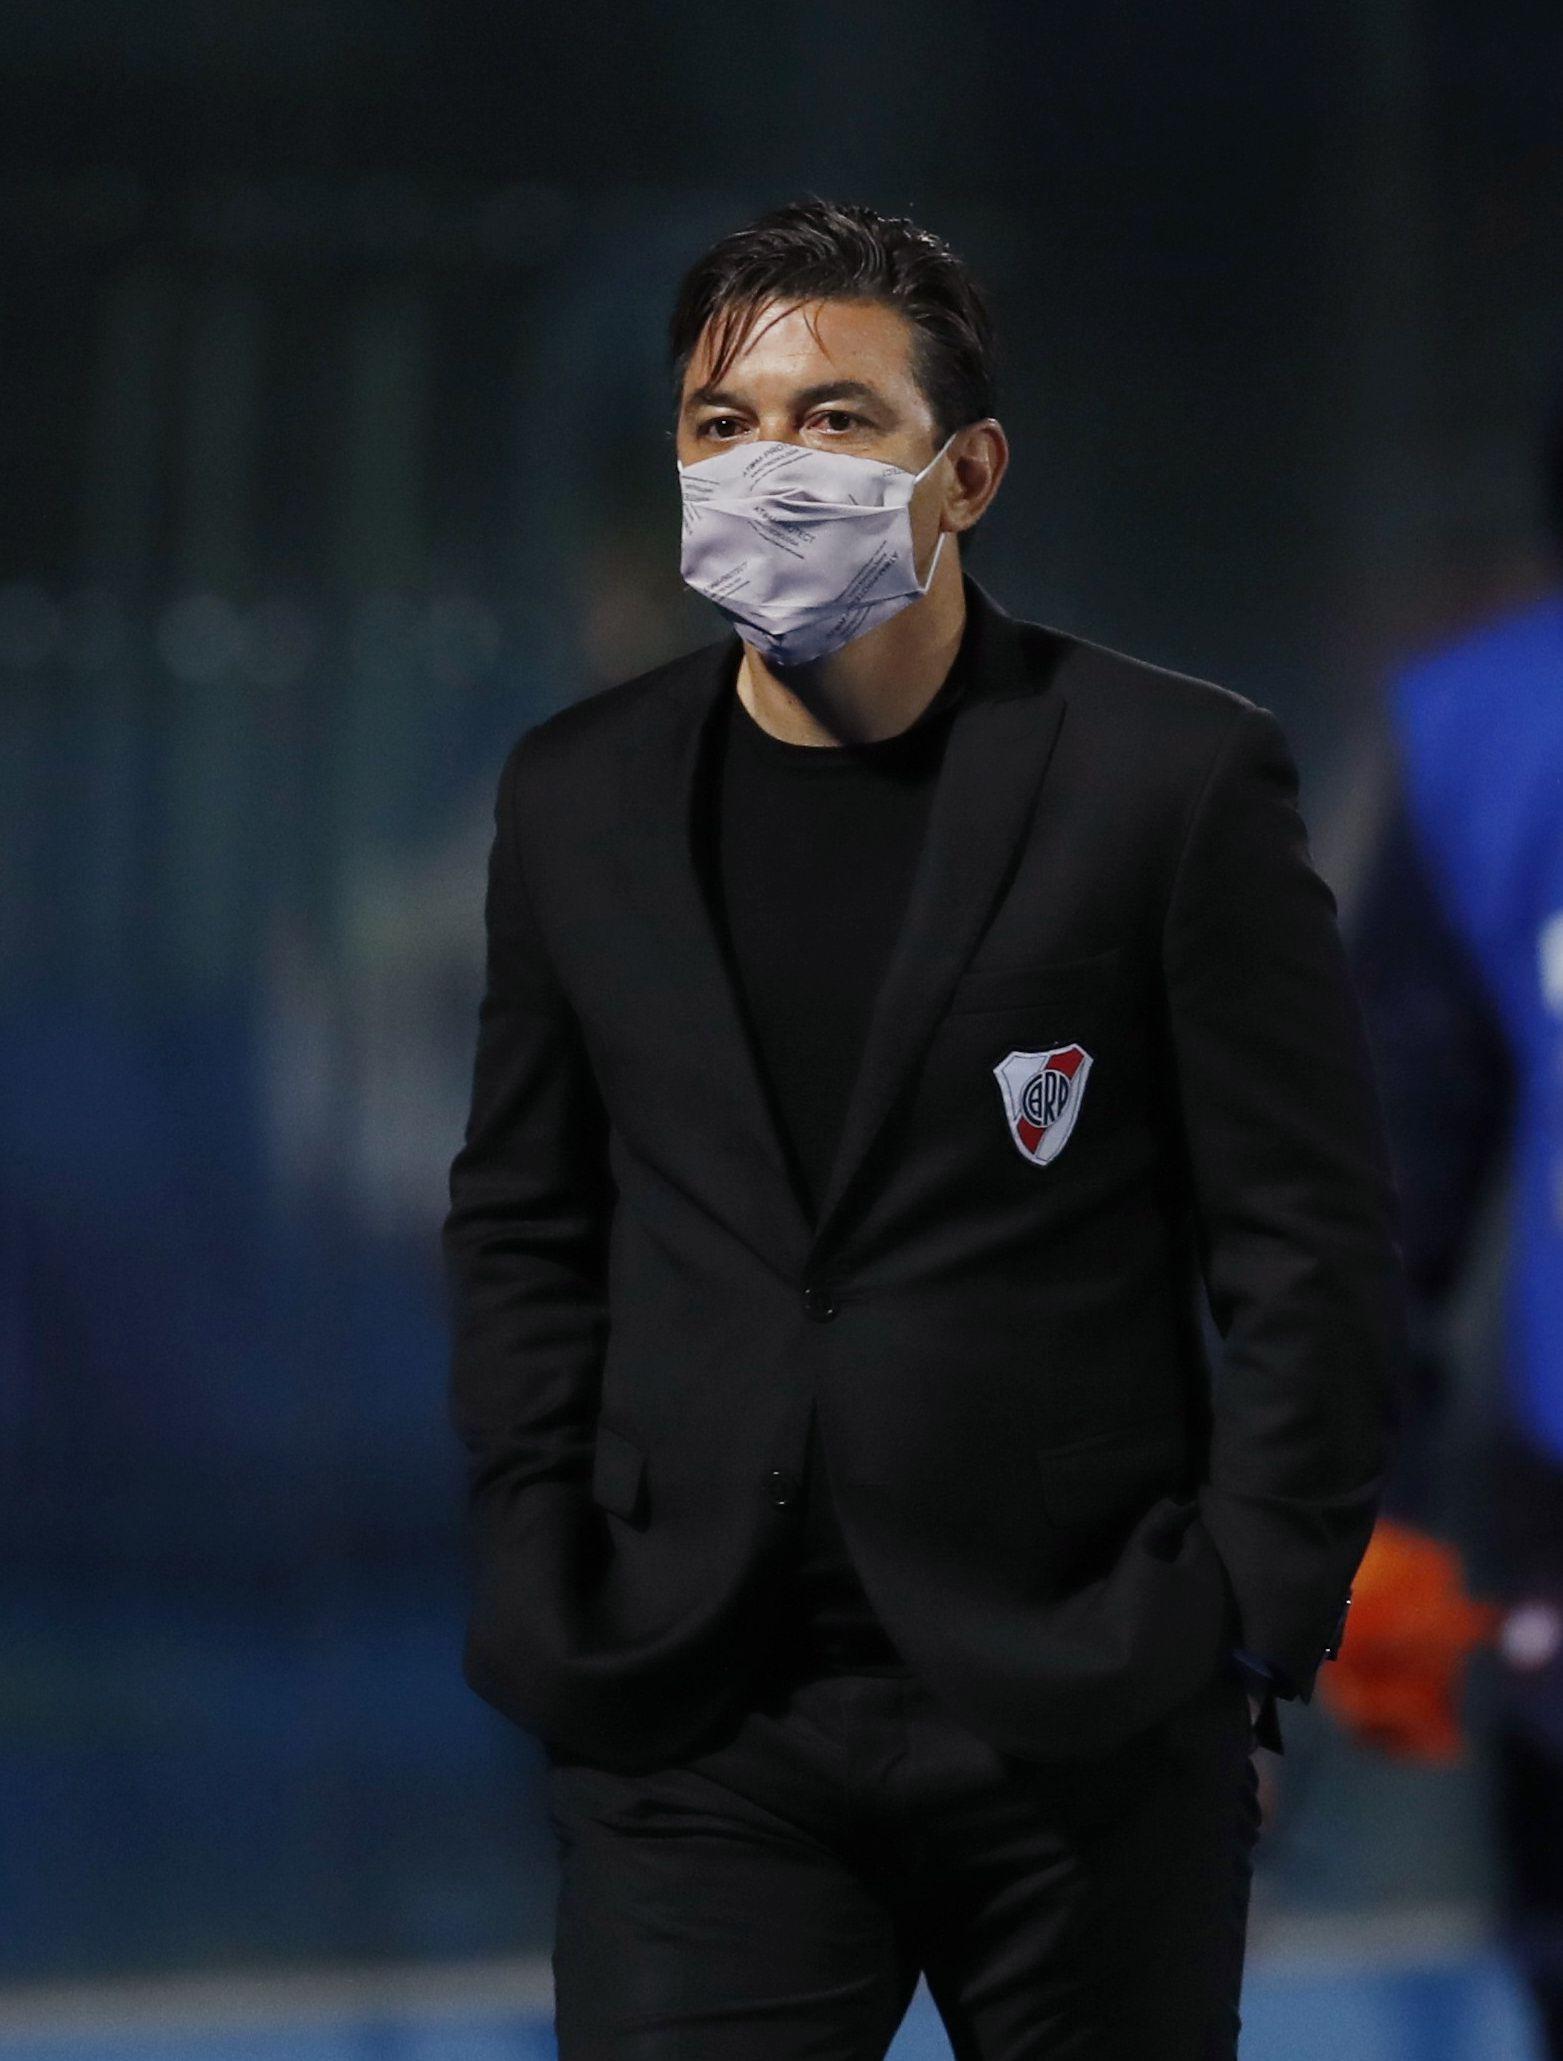 El DT tiene contrato con el Millonario hasta diciembre de 2021 (REUTERS/Jorge Saenz)